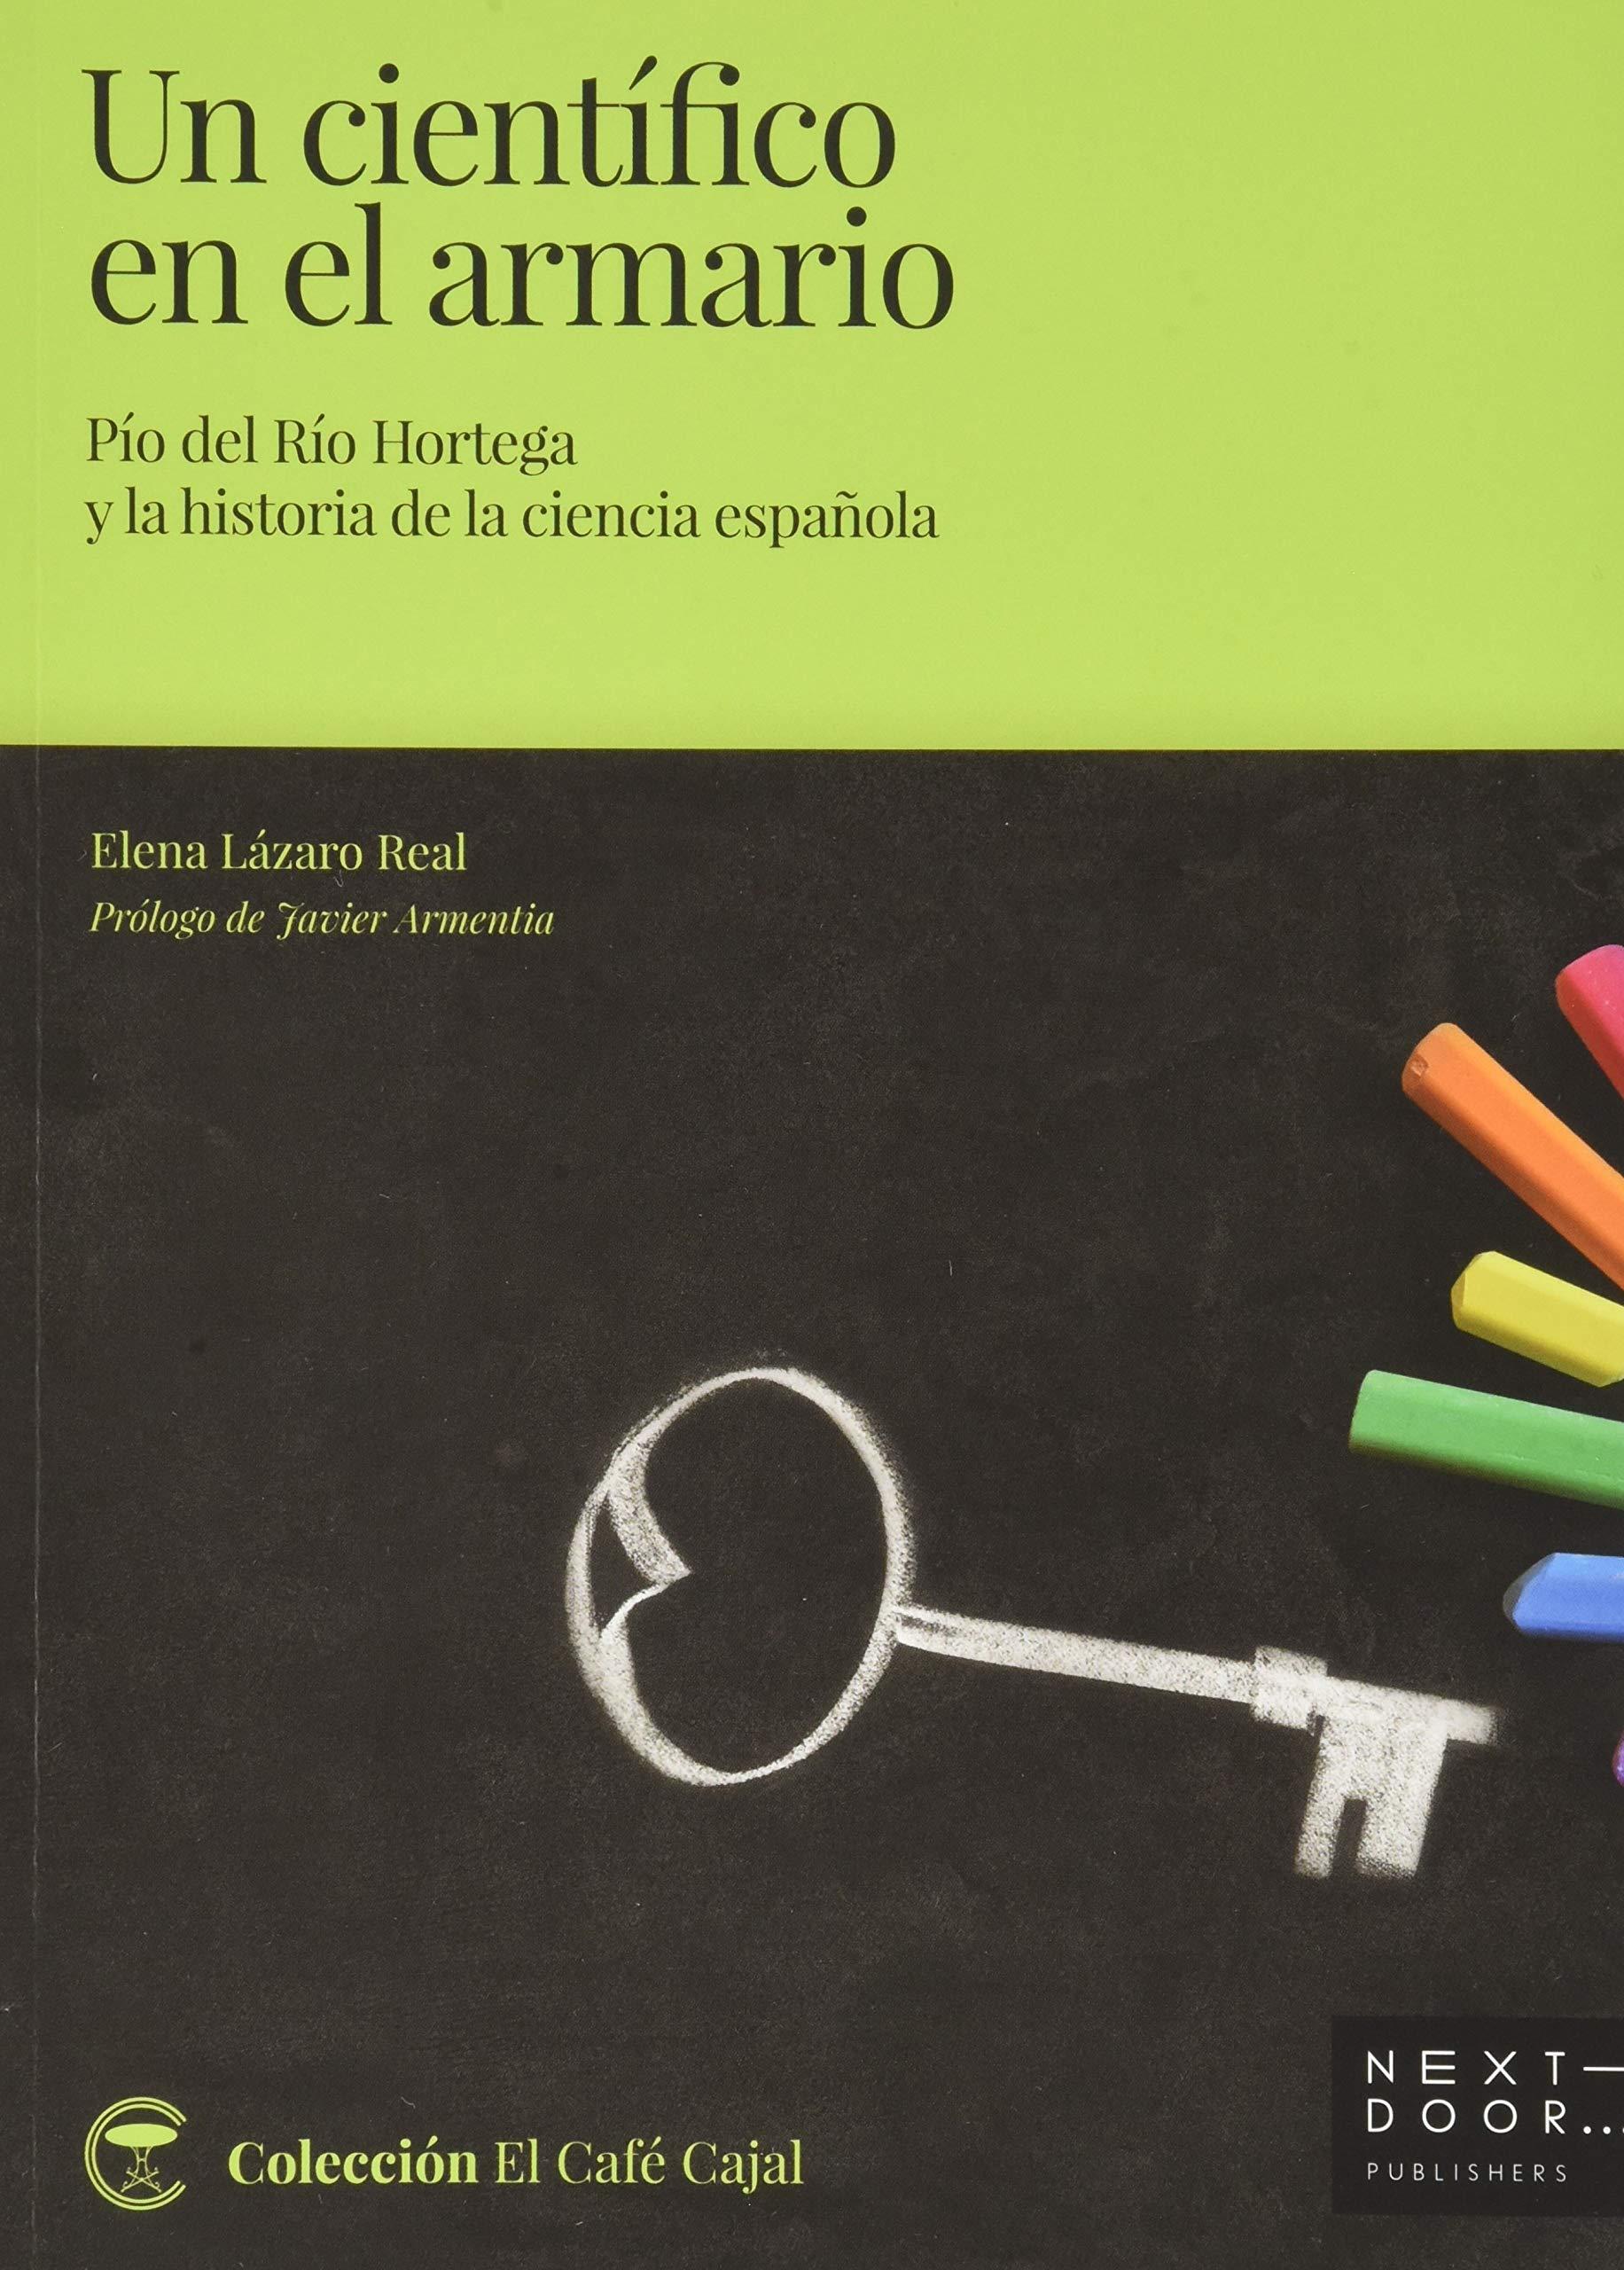 Un científico en el armario: Pío del Río Hortega y la historia de la ciencia española: 11 El Café Cajal: Amazon.es: Lázaro Real, Elena, Armentia, Javier, Ex. Estudi: Libros